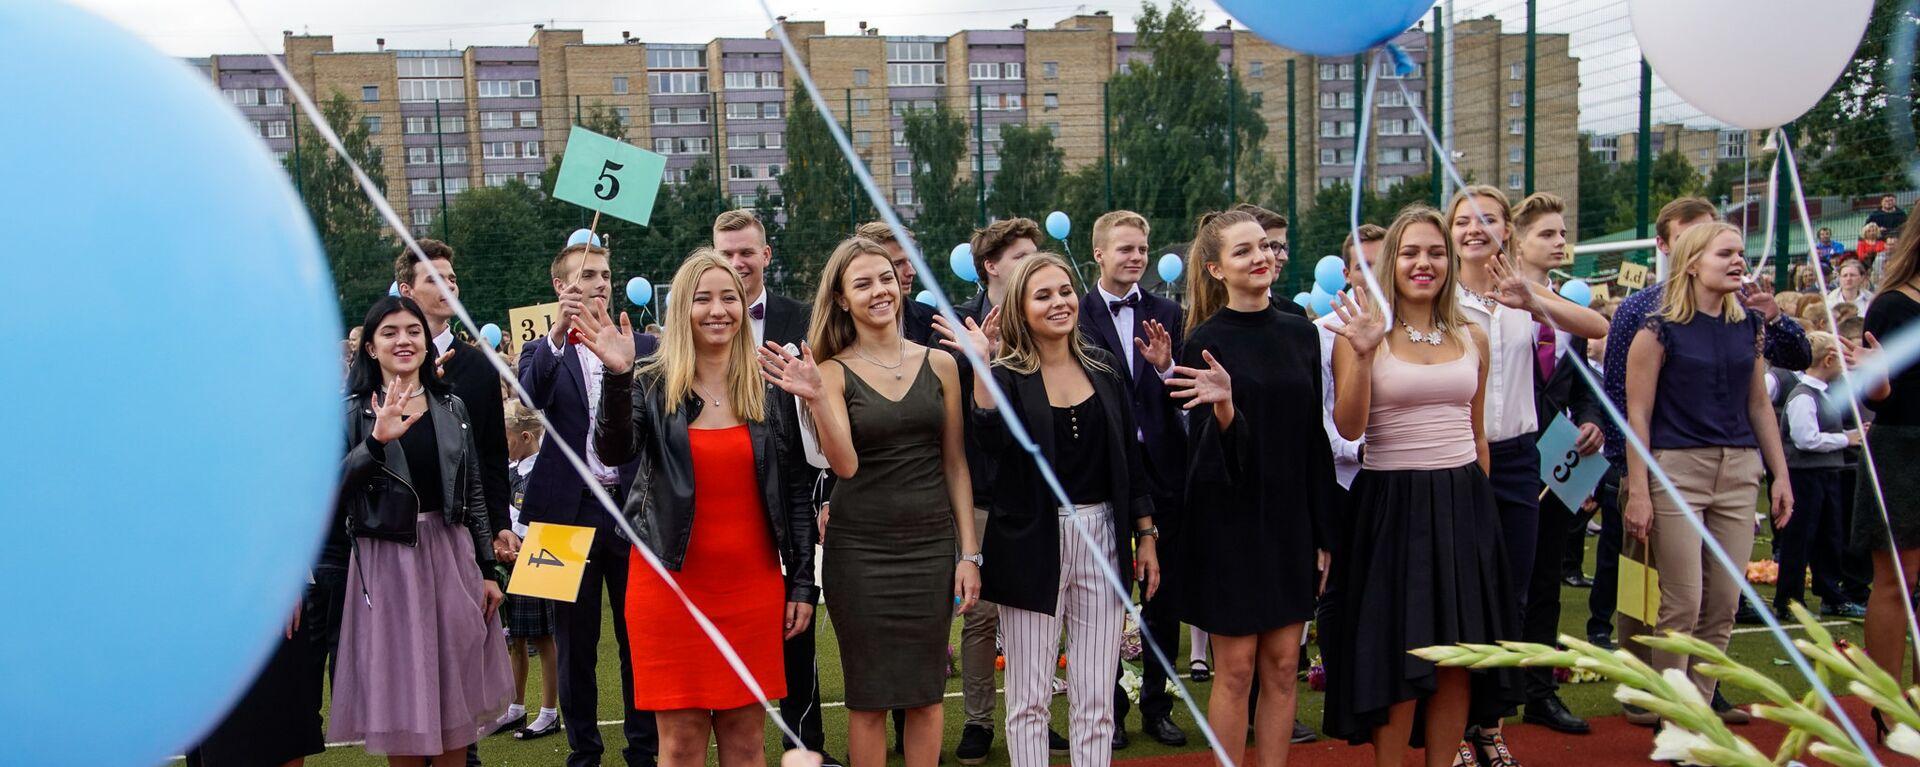 Старшеклассники поздравляют первоклашек с началом учебного года - Sputnik Латвия, 1920, 20.08.2021